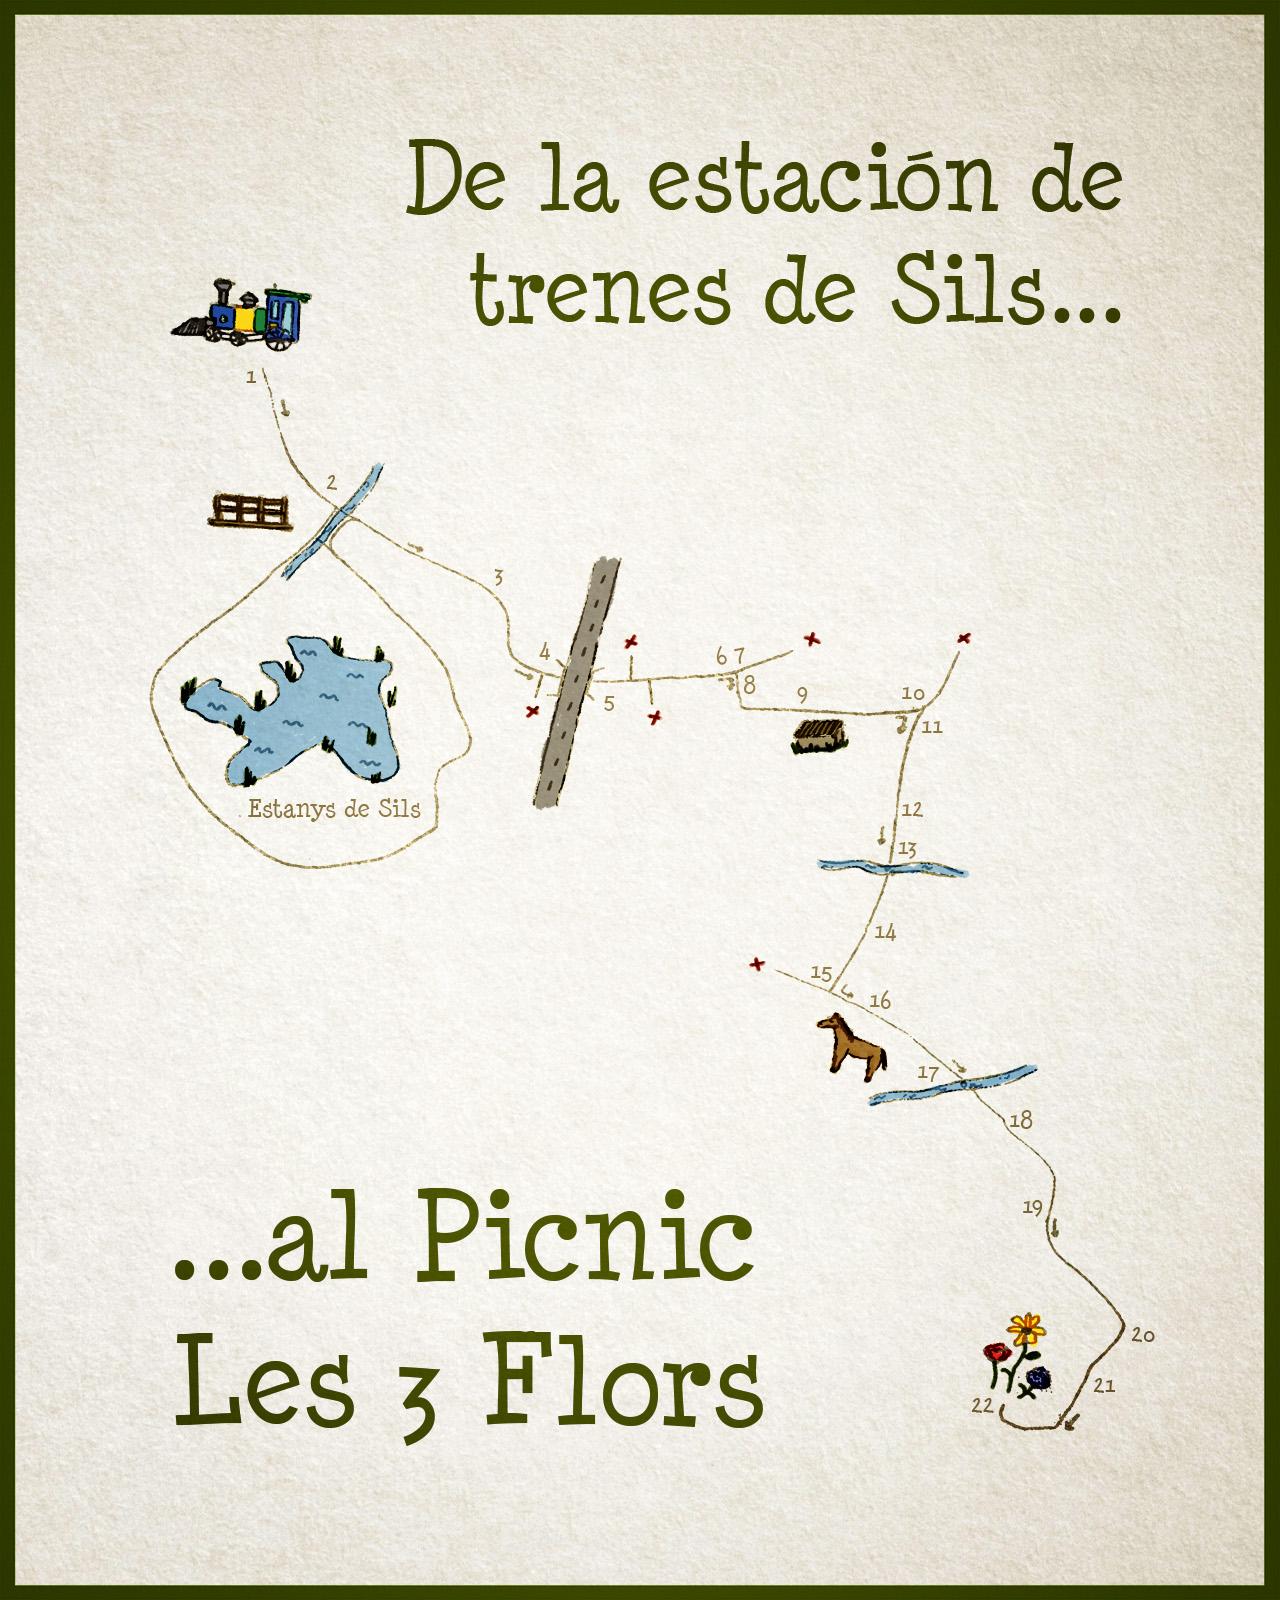 mapa estacion trenes sils picnic les 3 flors